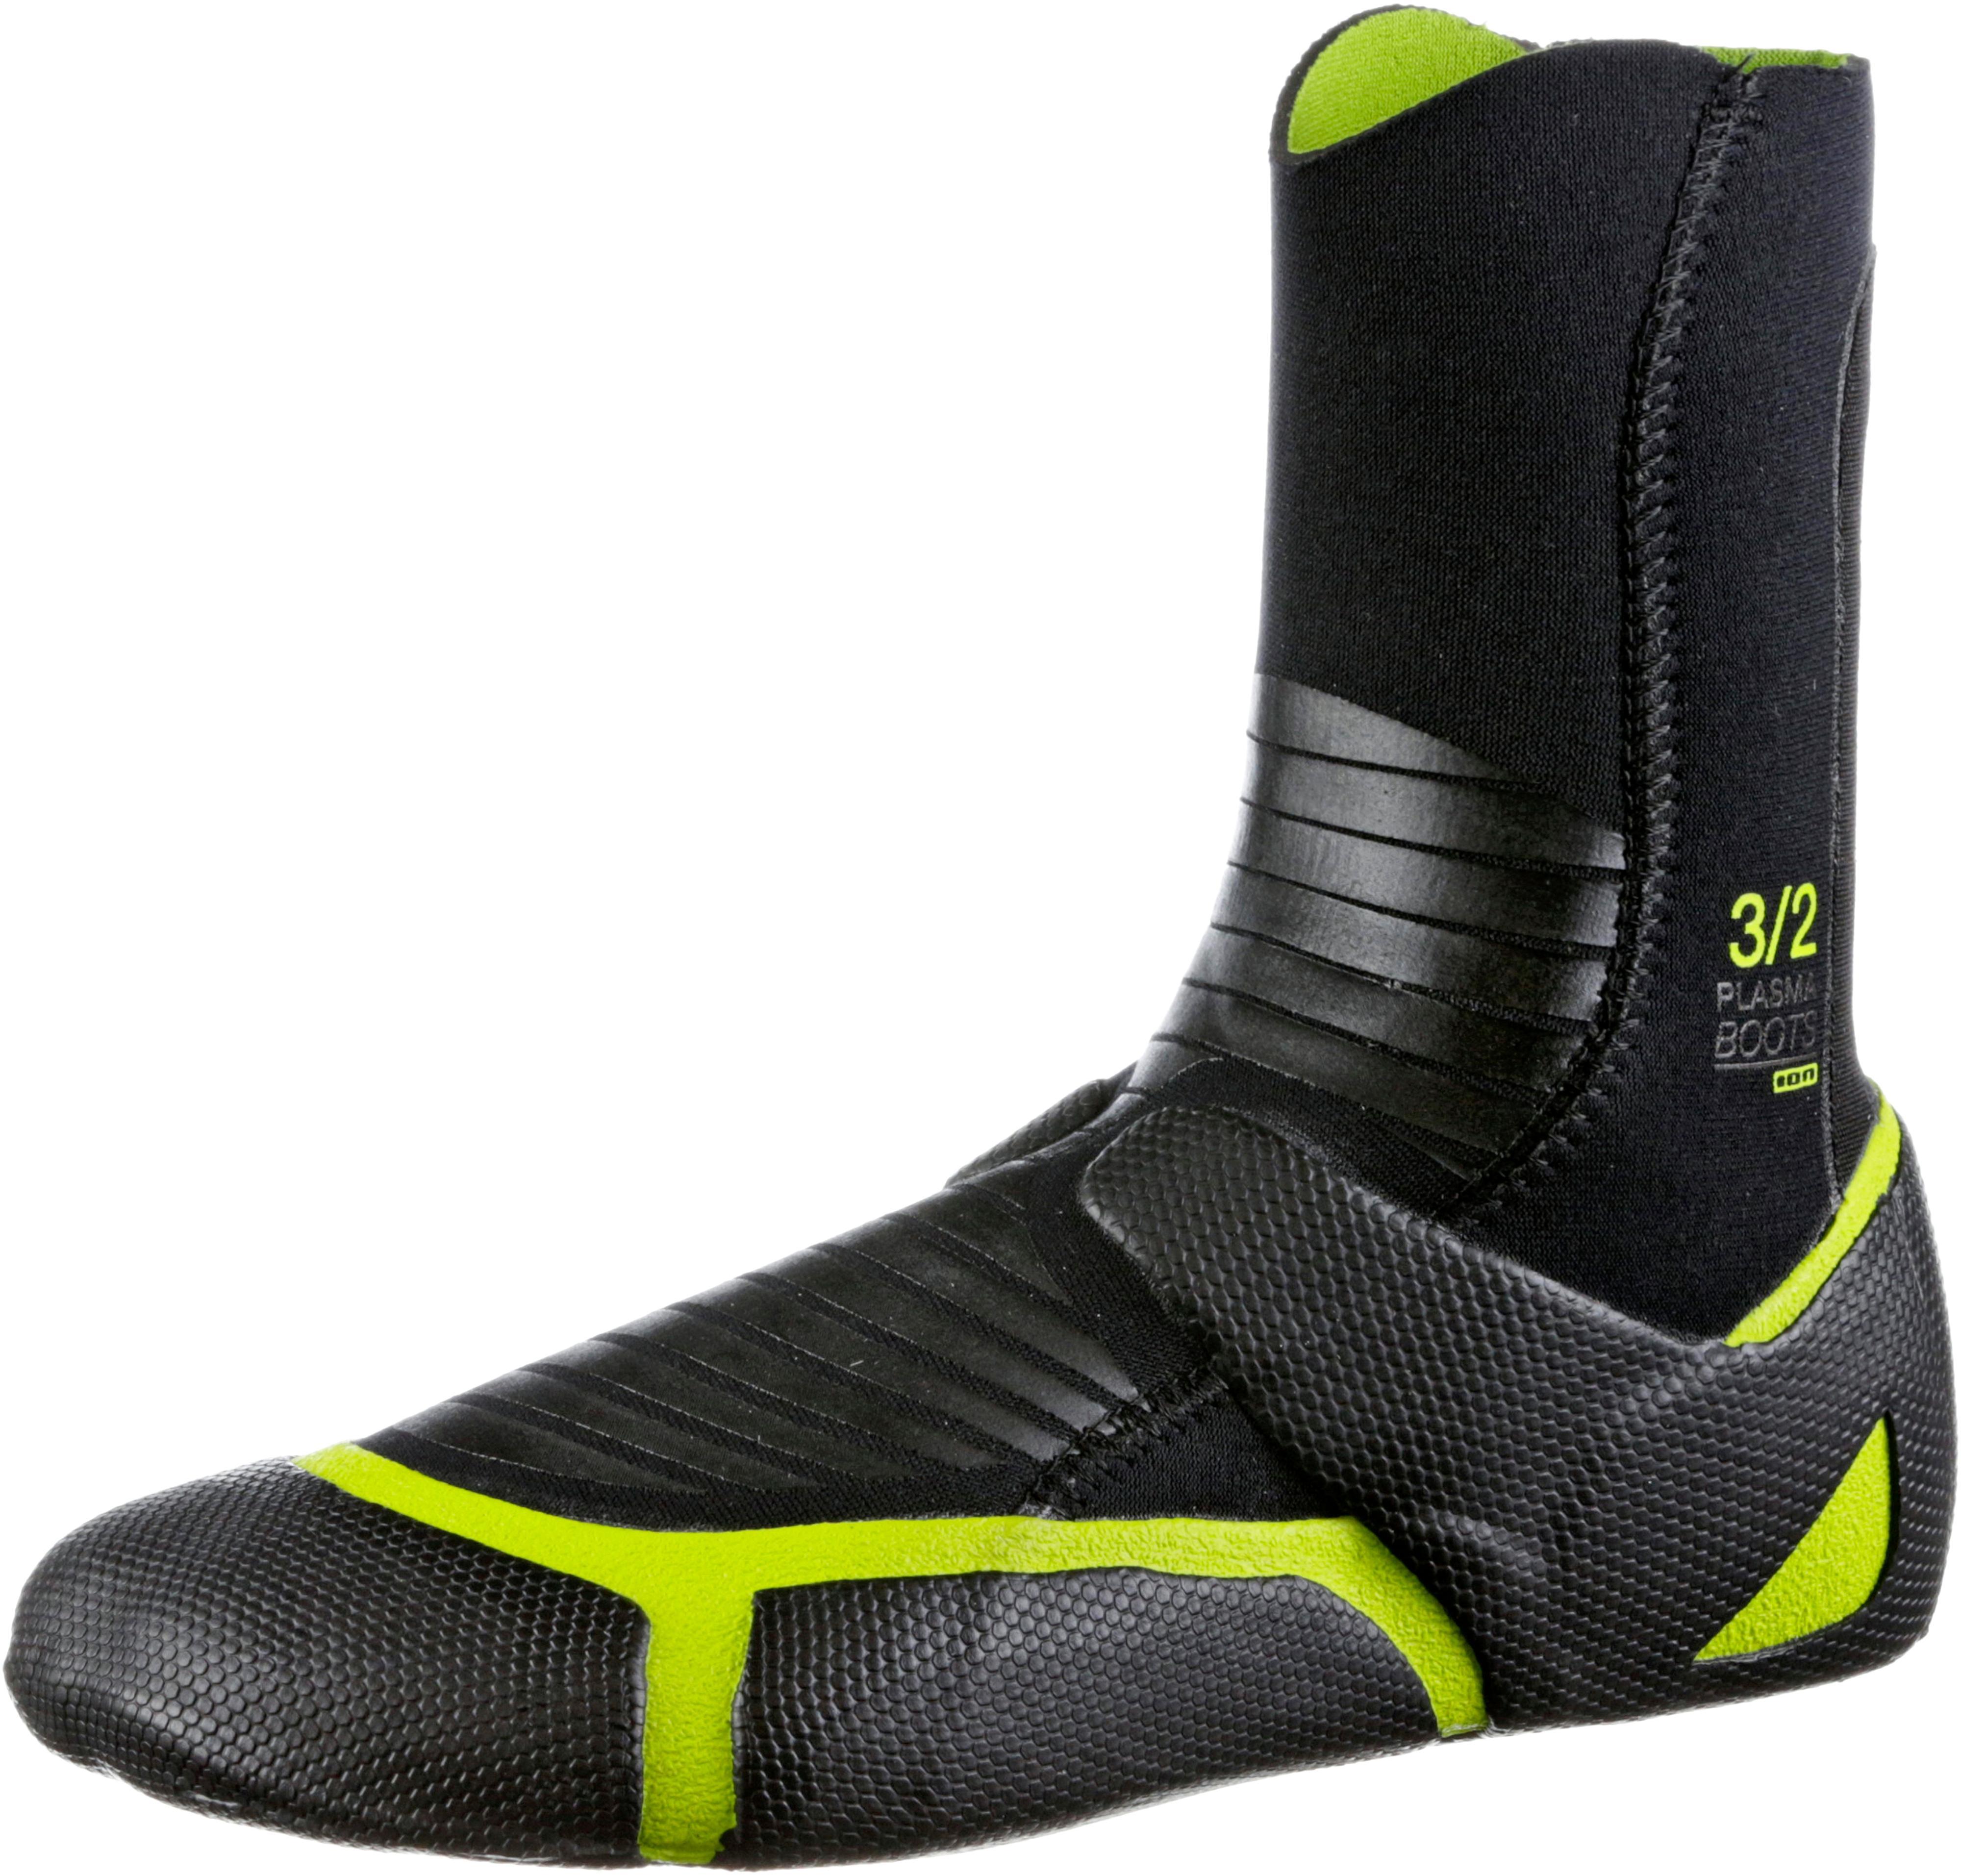 Ion Plasma 3 2 Neoprenschuhe Schwarz im Online Shop von SportScheck kaufen Gute Qualität beliebte Schuhe